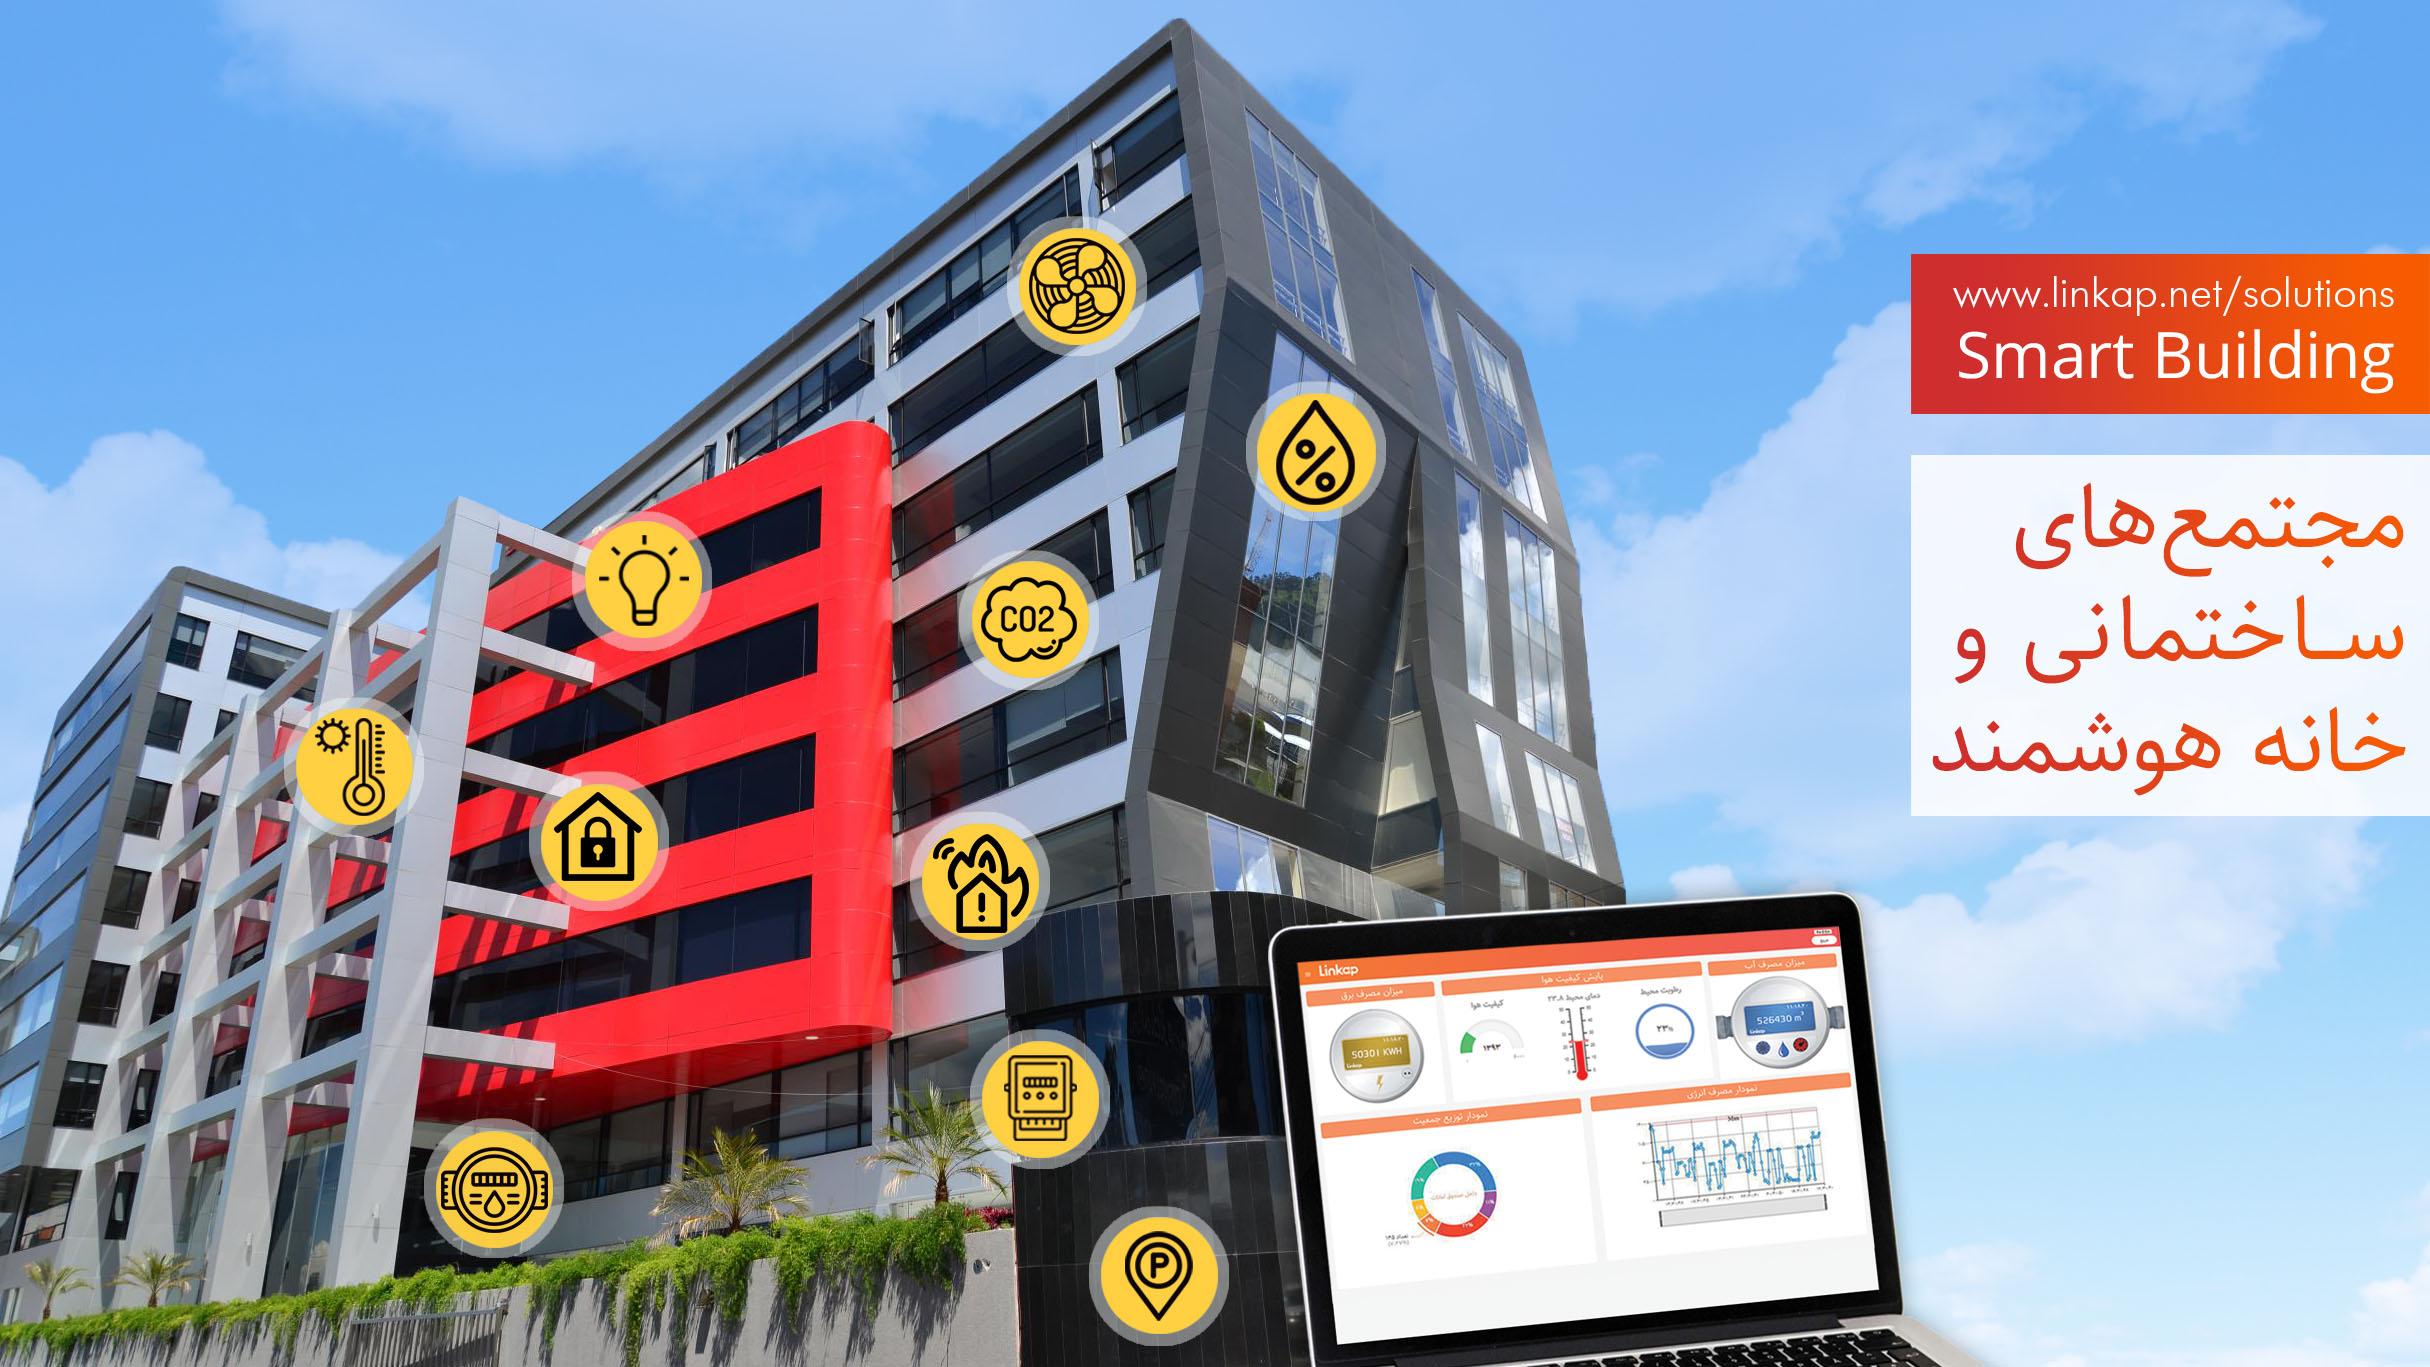 مجتمعهای ساختمانی و خانه هوشمند